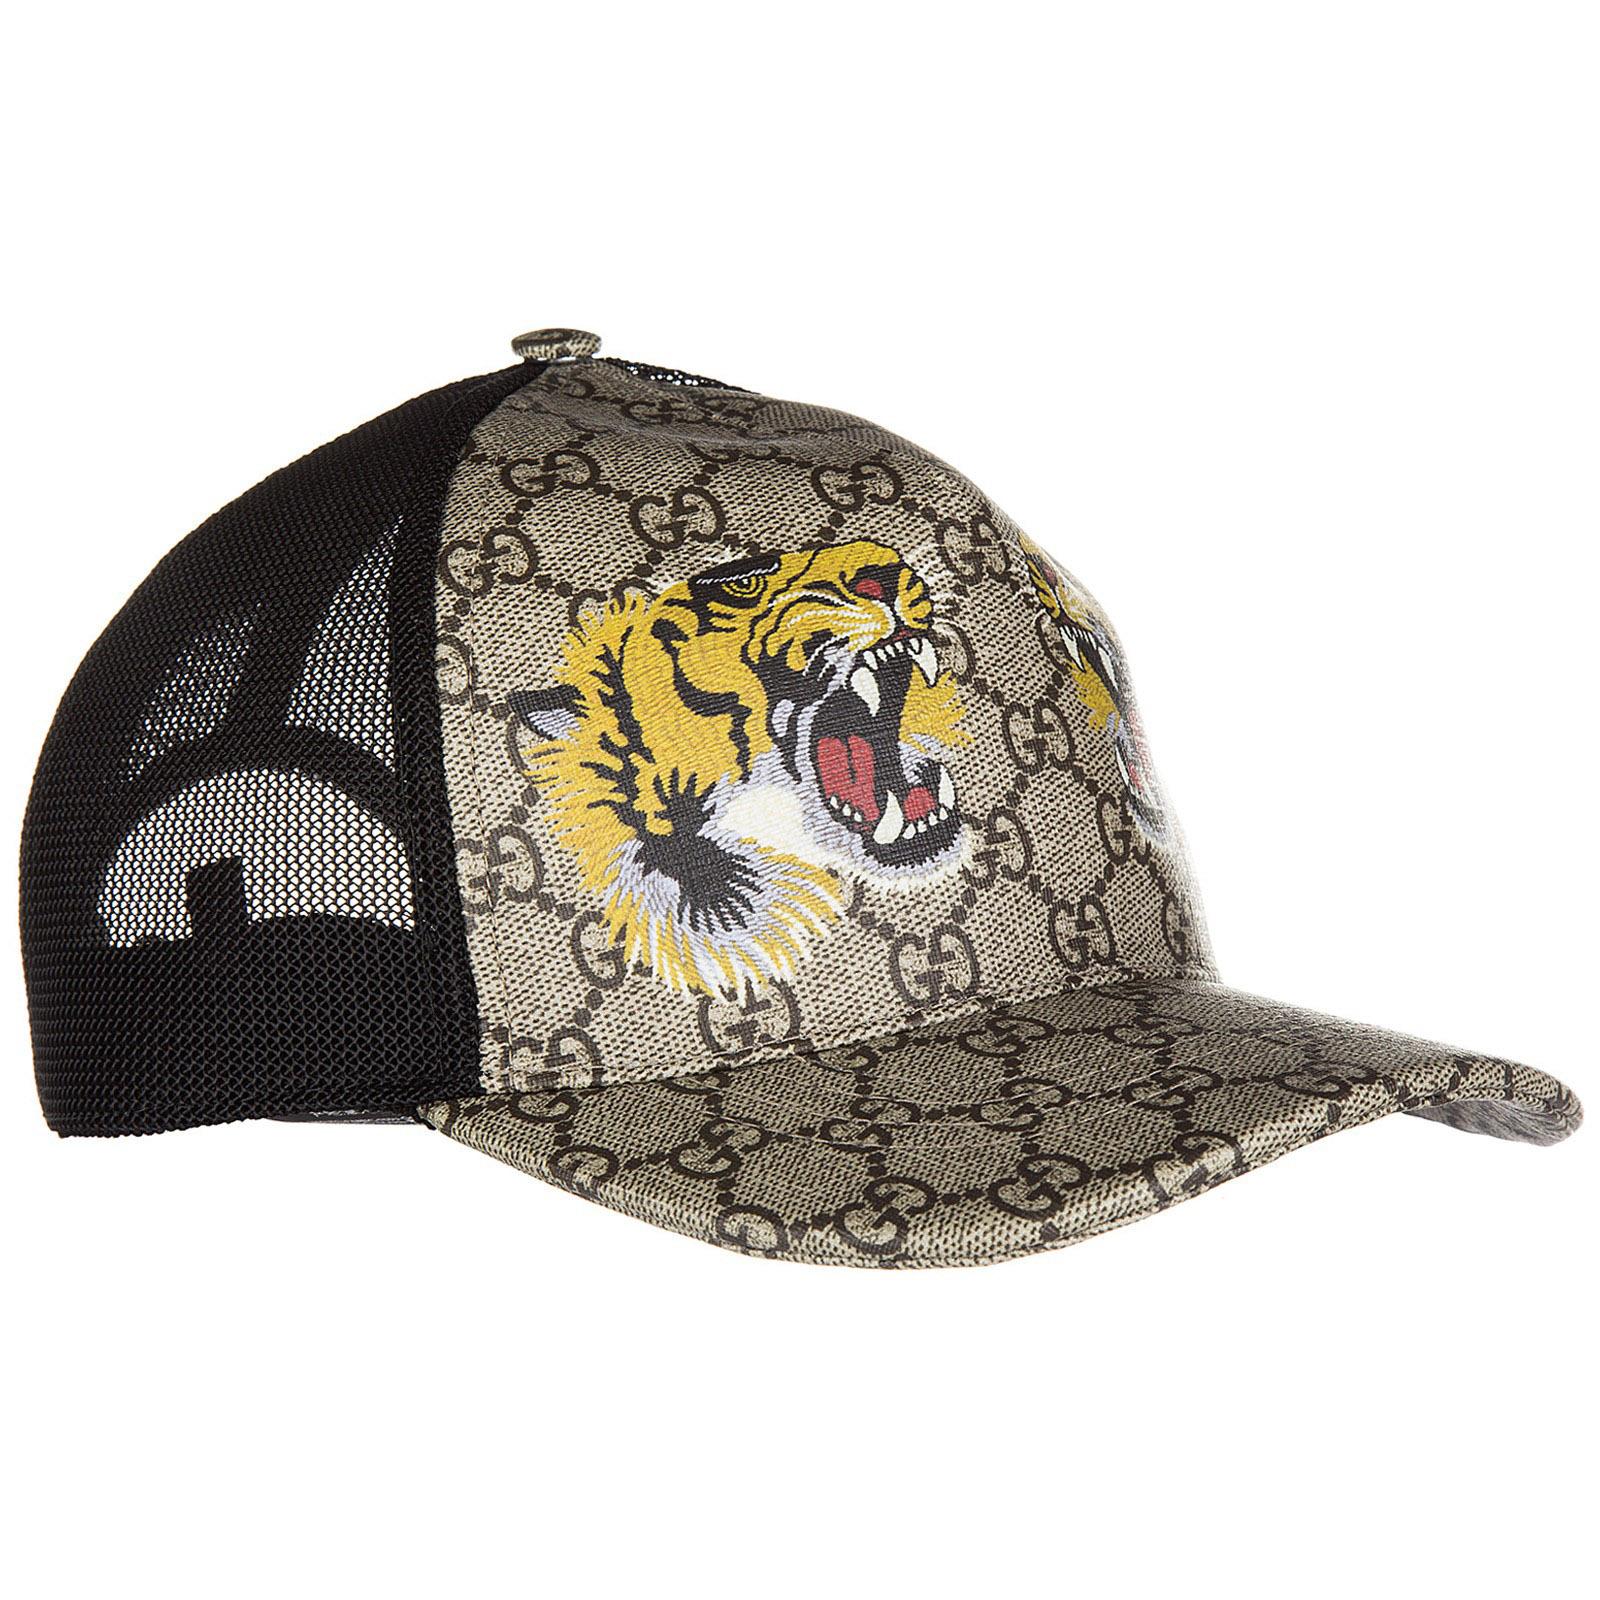 Casquette baseball Gucci 426887 4HB13 2160 beige   FRMODA.com 9fa562fb8e1